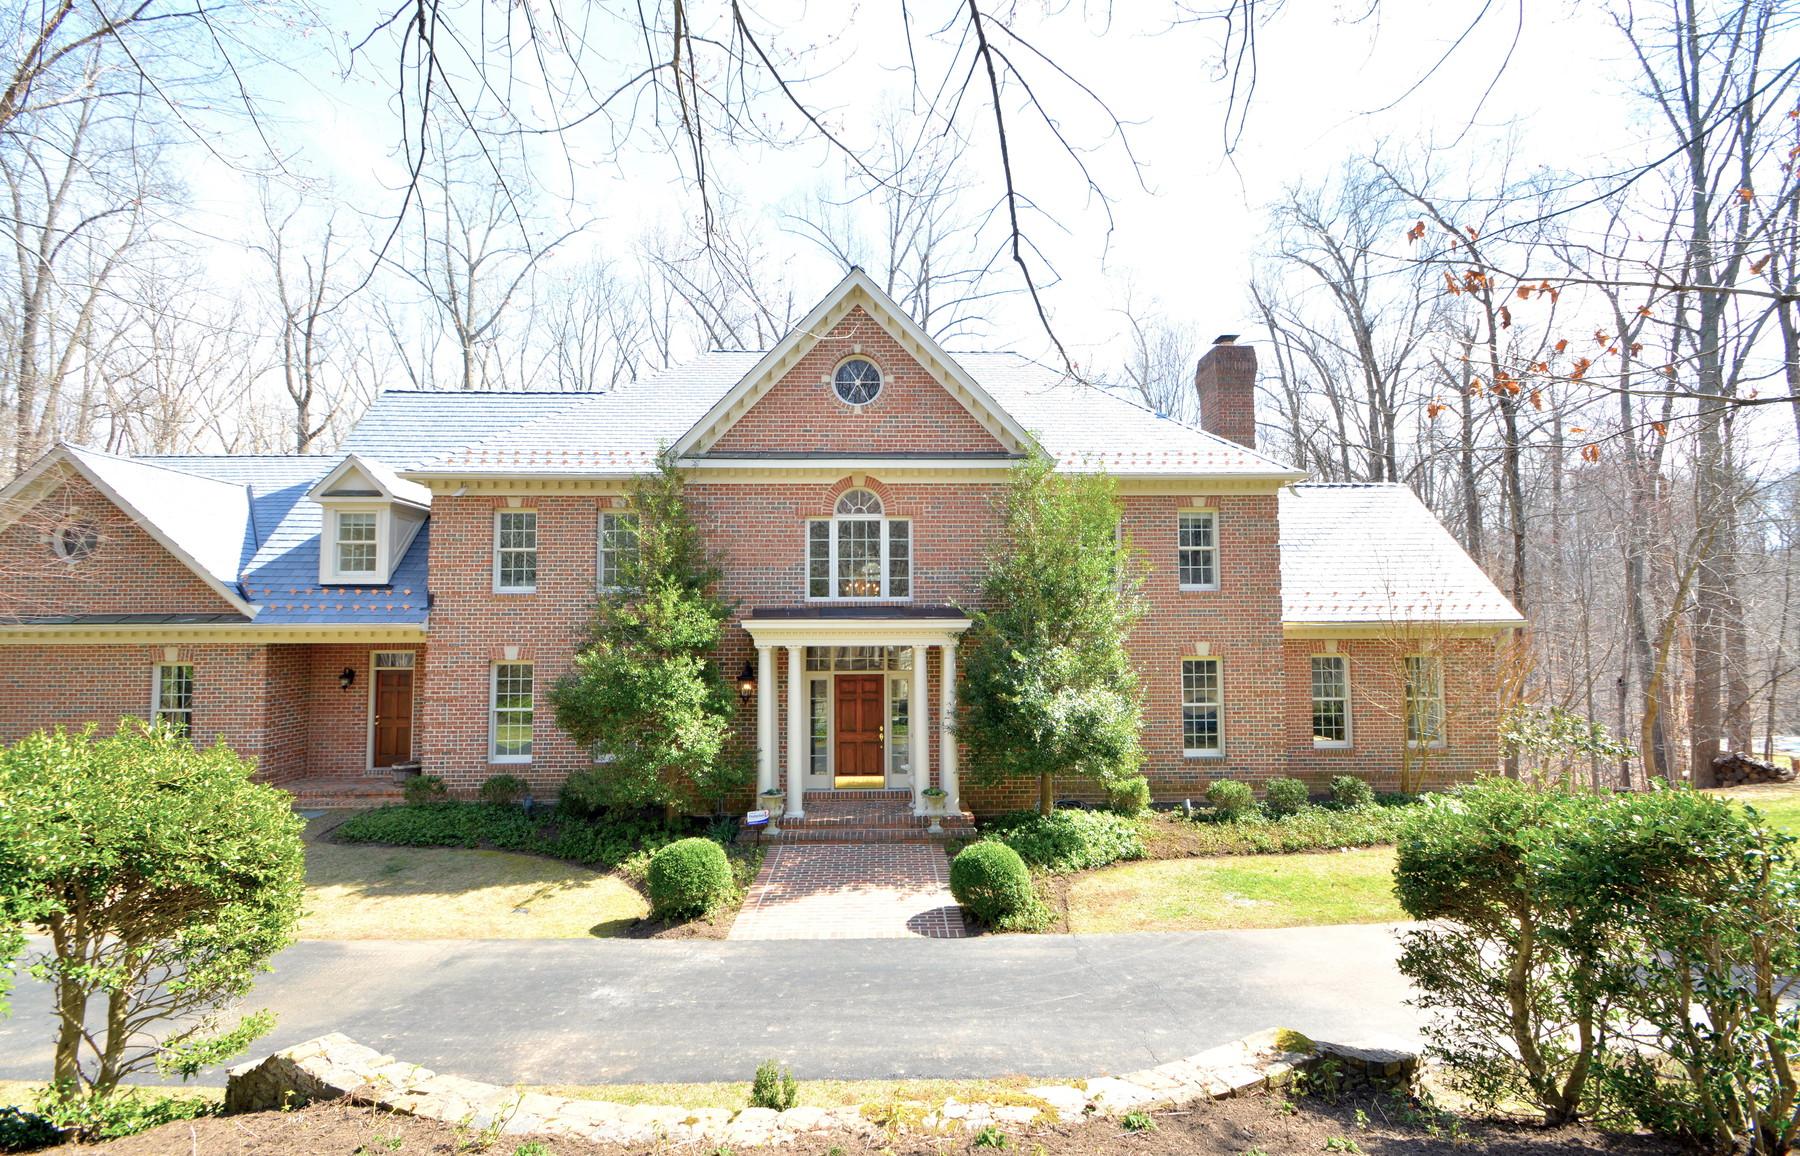 Maison unifamiliale pour l Vente à 10116 High Hill Court, Great Falls 10116 High Hill Ct Great Falls, Virginia, 22066 États-Unis